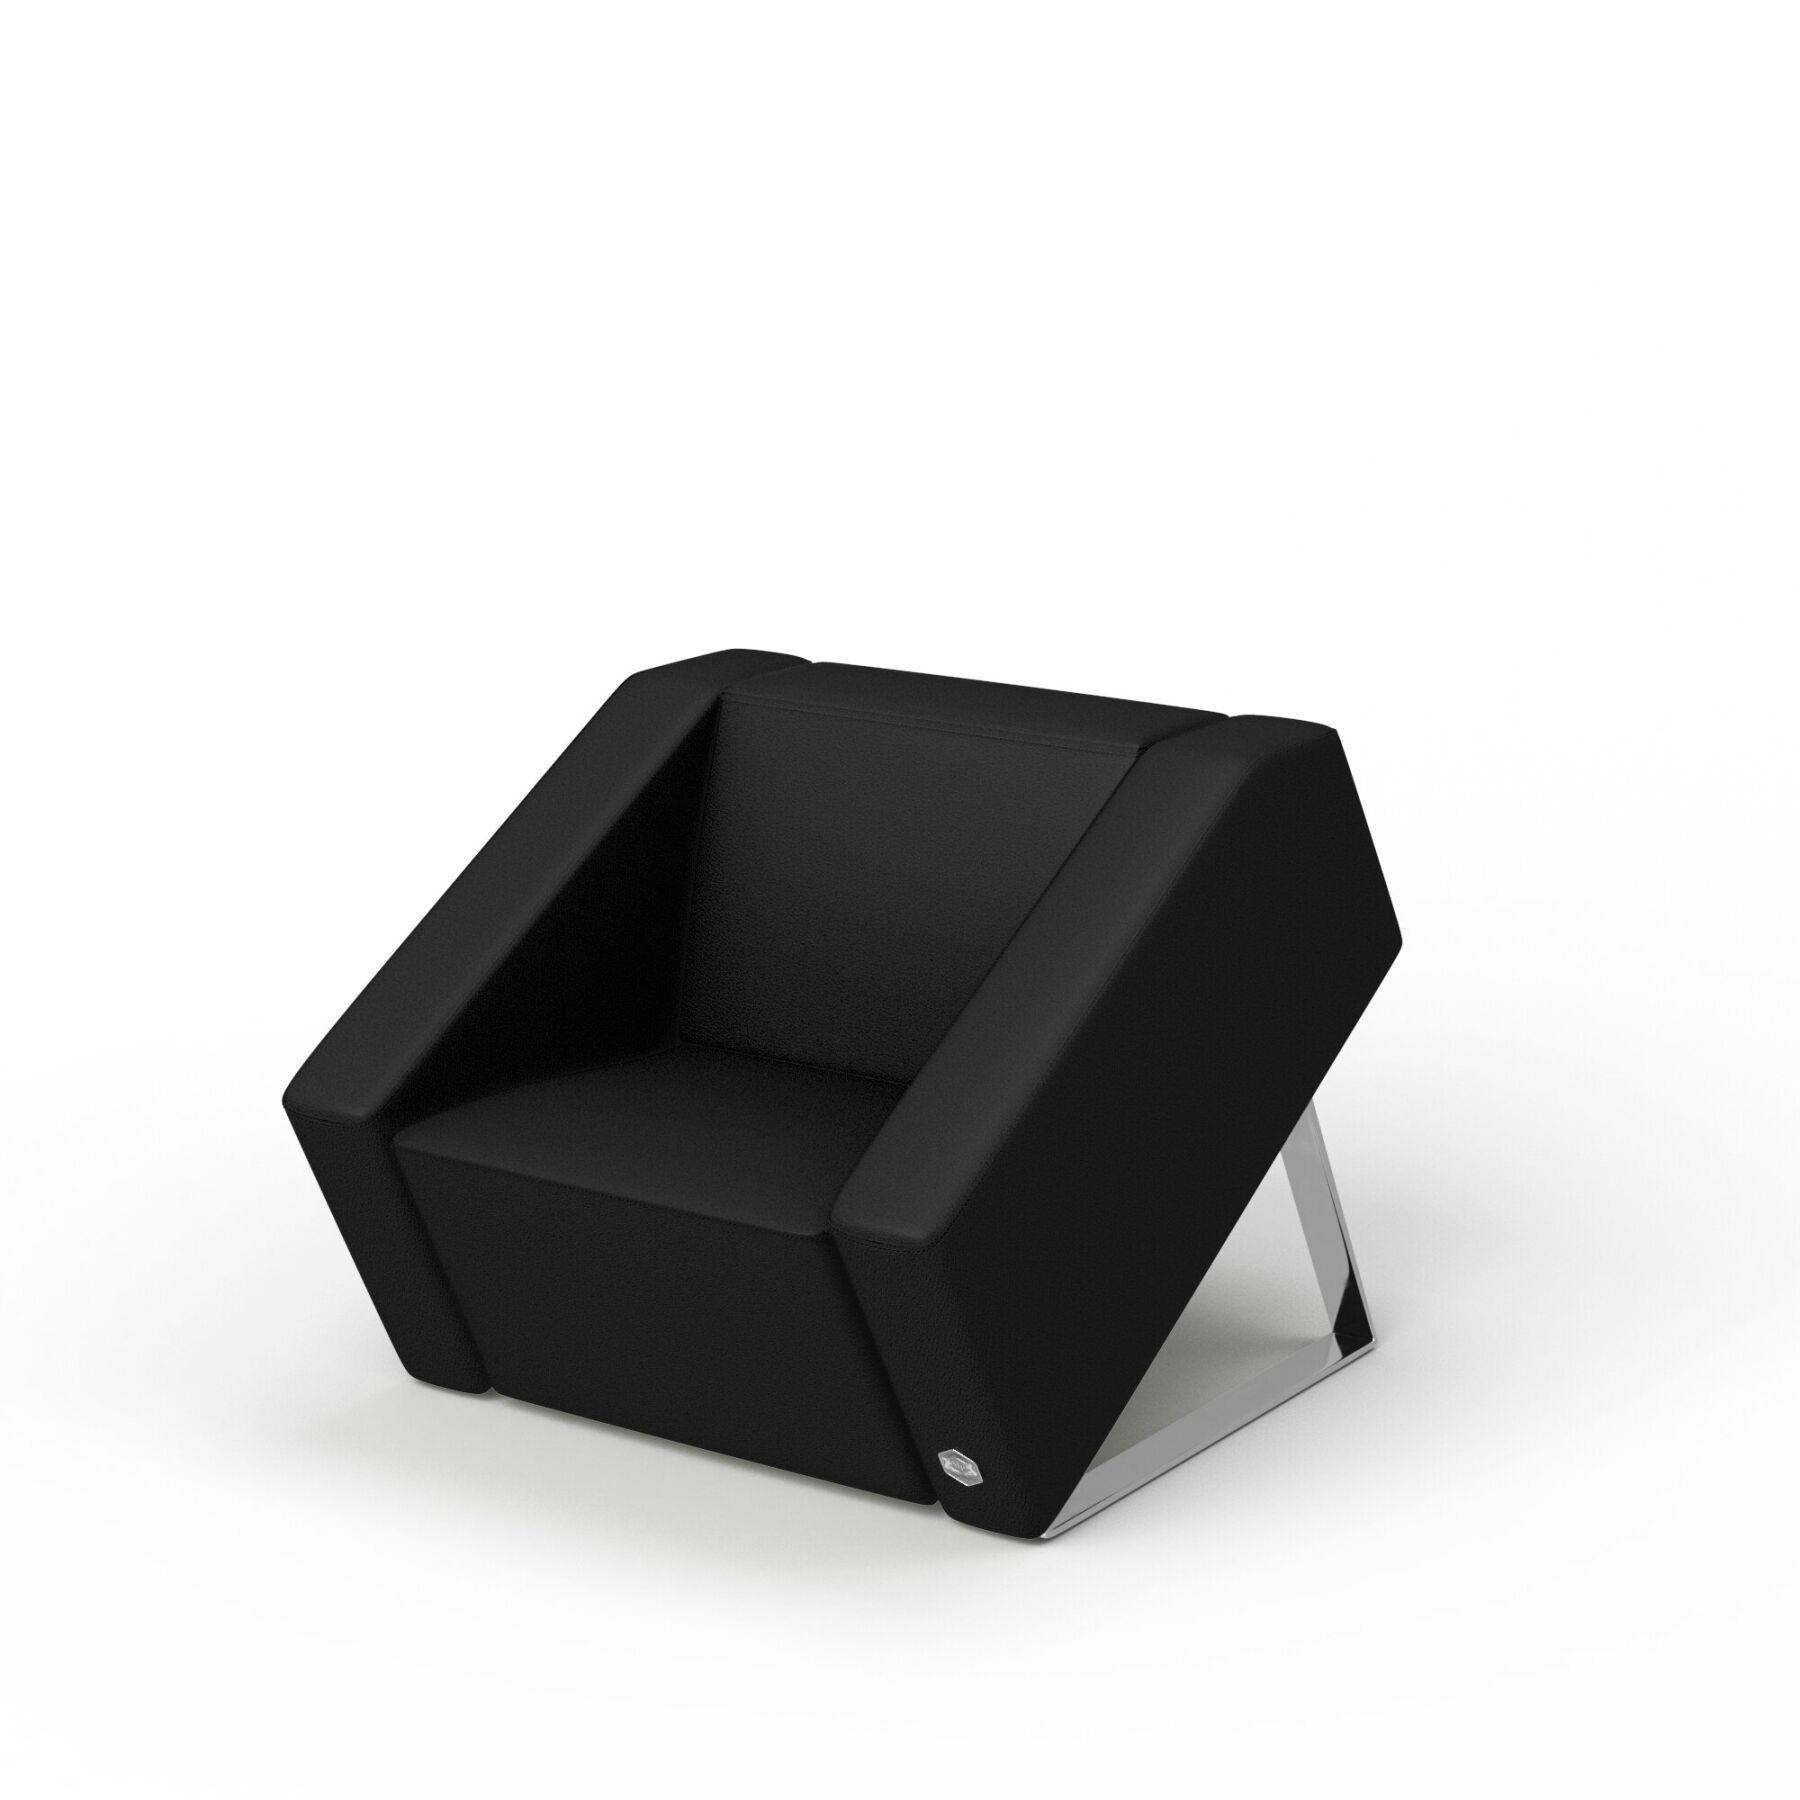 Мягкое кресло KULIK SYSTEM PLANE Экокожа 1